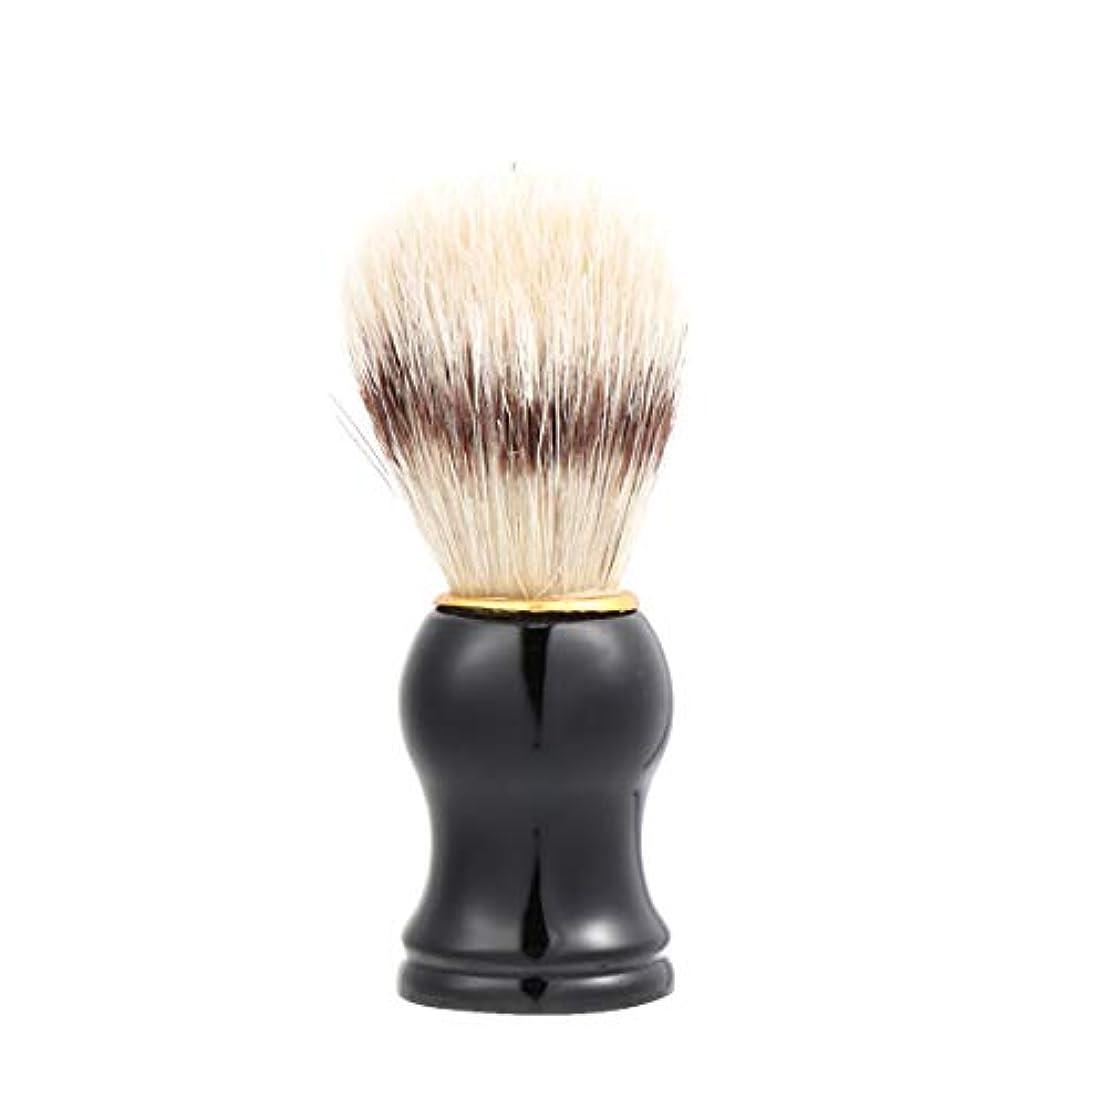 従うバルコニー罰Lurrose 男性の剃毛ブラシ 毛髭ひげ 剃毛ブラシ ソフト フェイシャルケア ヘアクレンジングブラシ